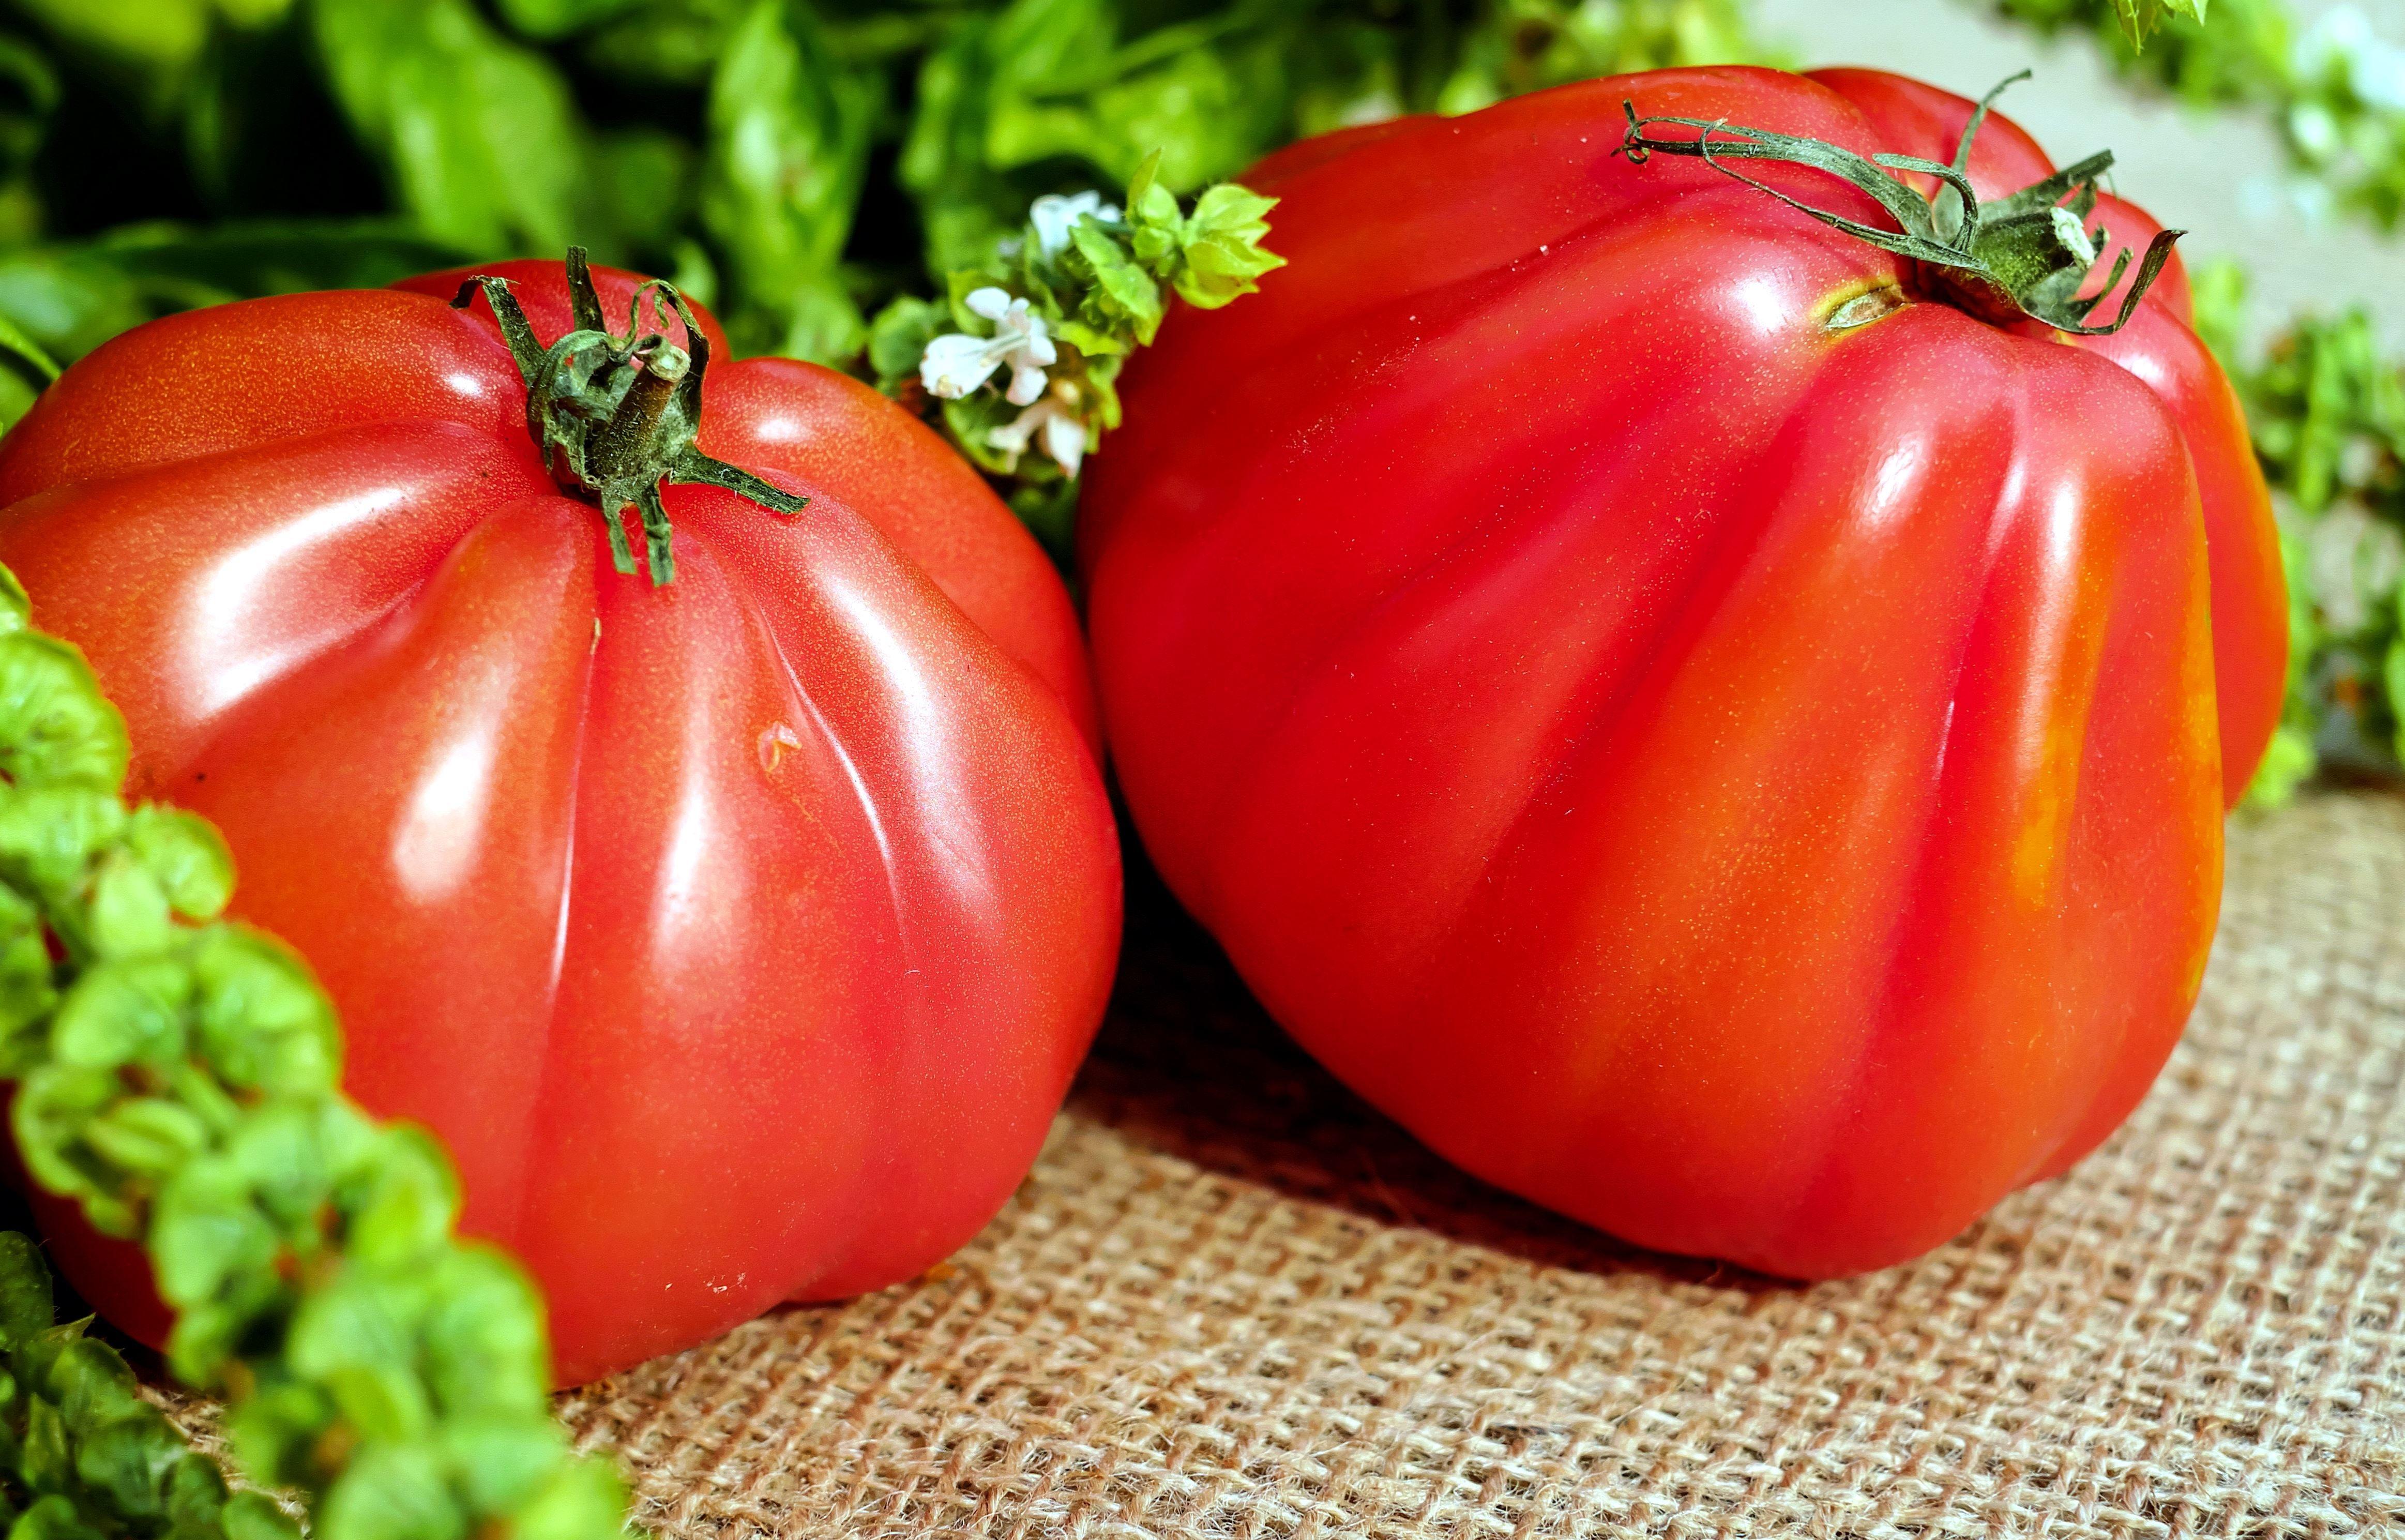 Бесплатное изображение: помидор, перец, растительное, сладкий перец, сладкий перец, питание, вегетарианские